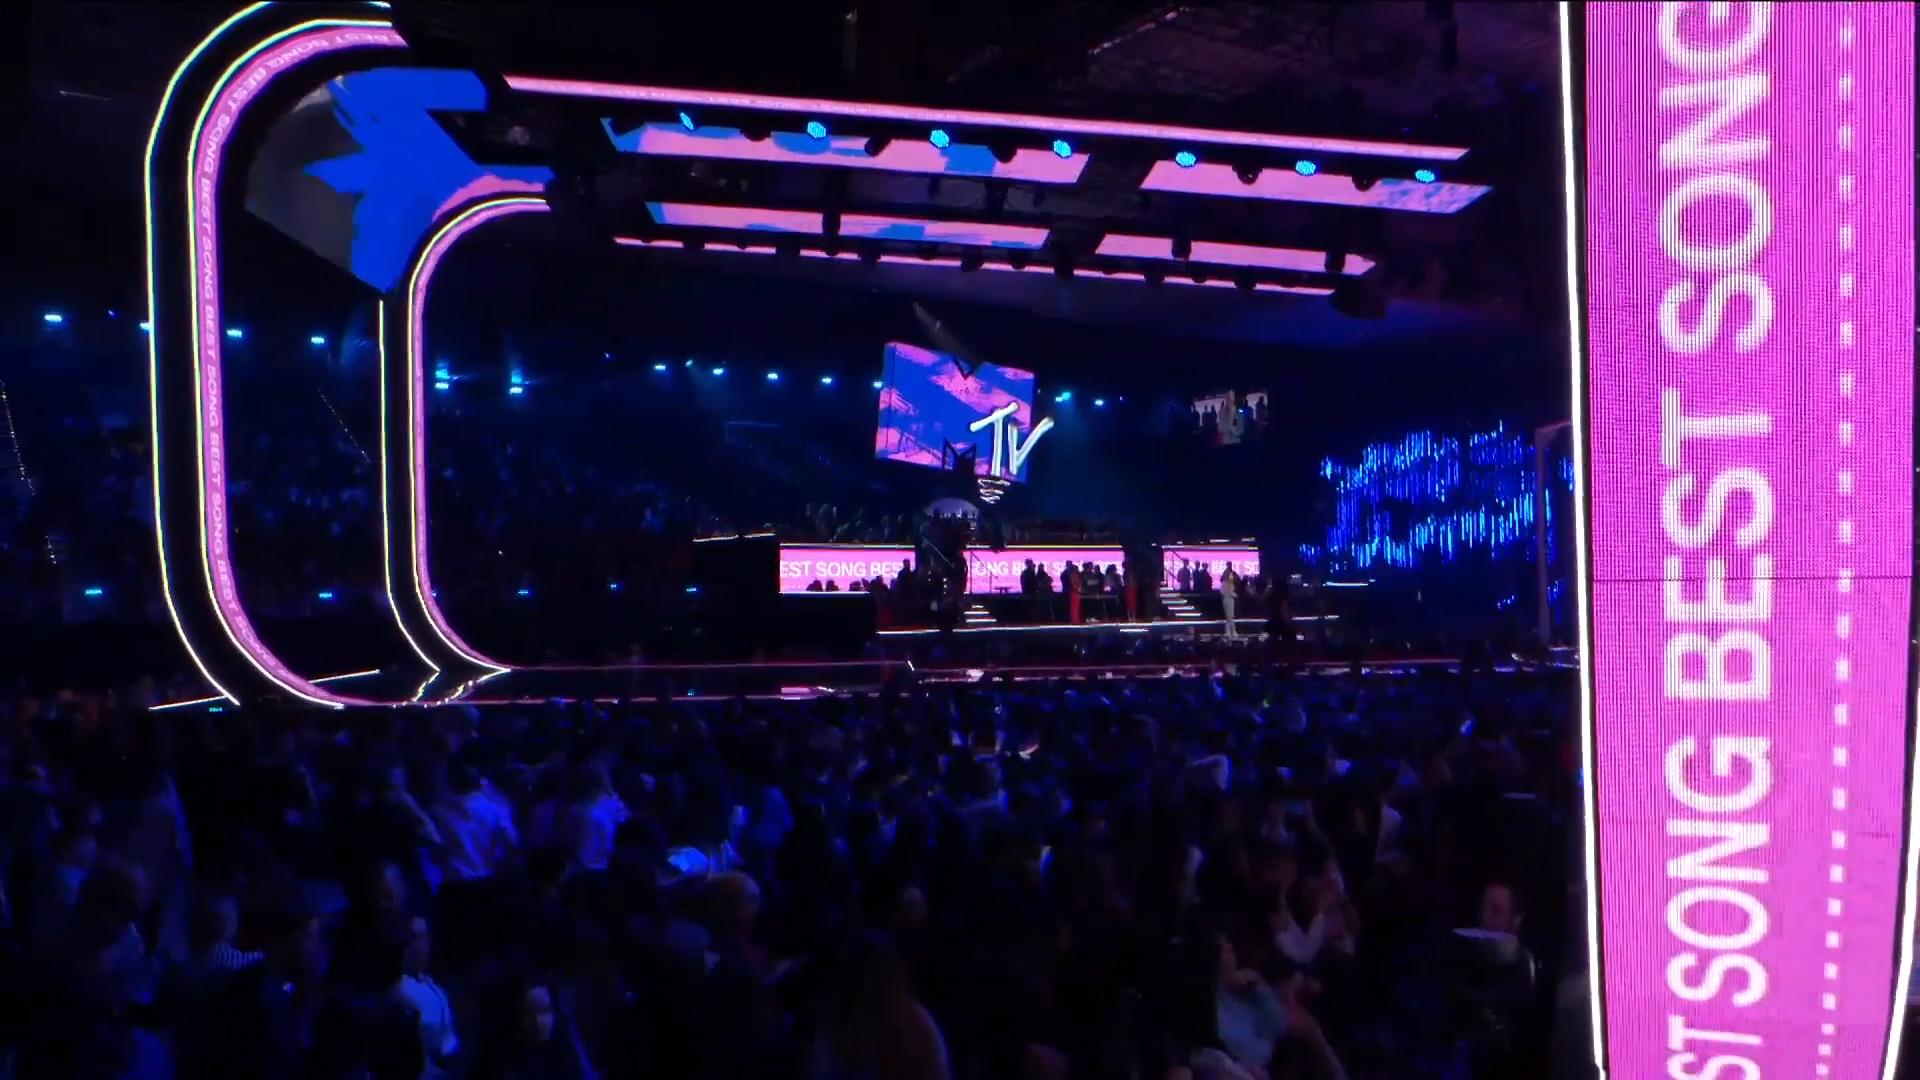 Presenters Moments & Nominees   MTV EMAs 2018.00_08_32_29.Still003.jpg